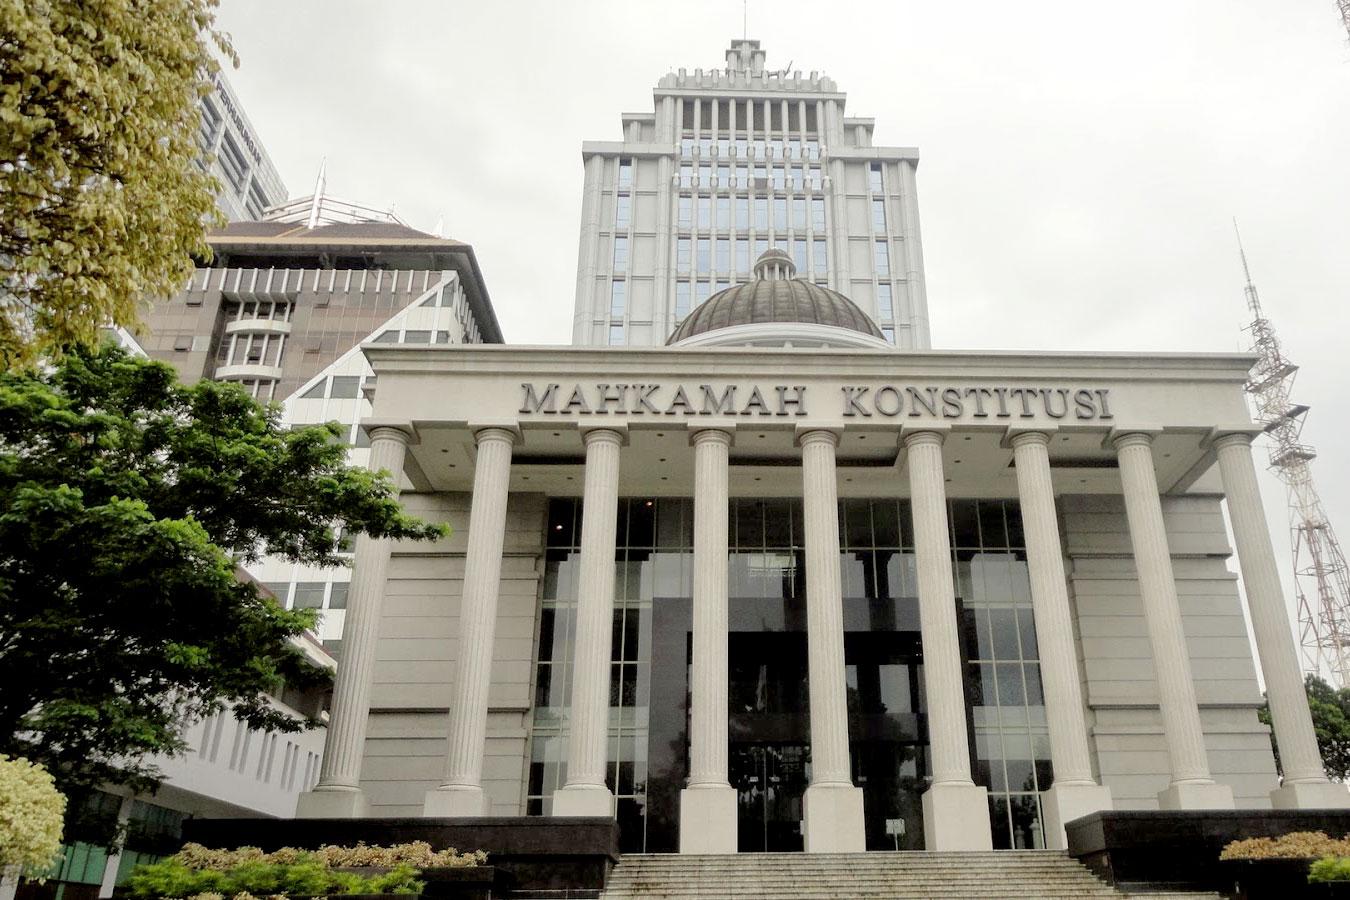 Dari 48 PHP Kada yang masuk ke Mahkamah Konstitusi, diperkirakan hanya tujuh yang lolos   Foto : FSPS